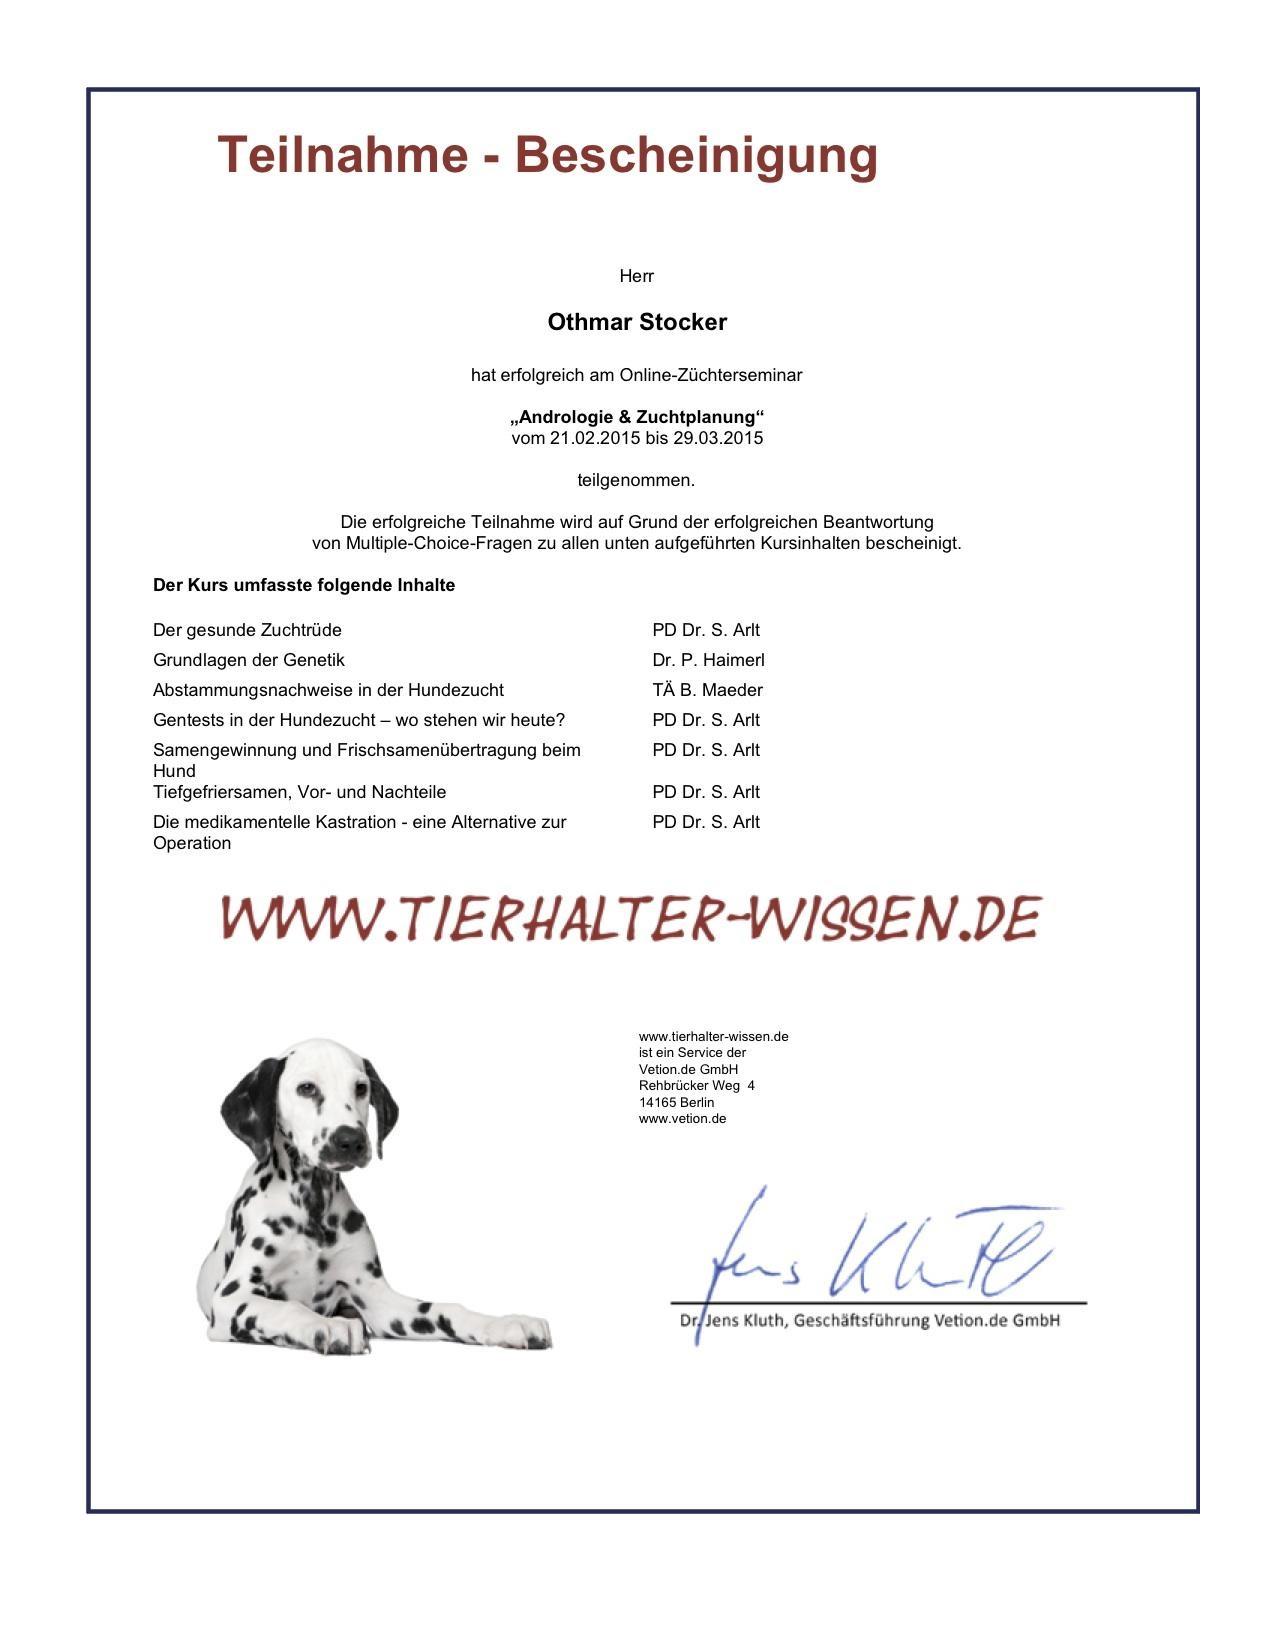 Groß Einkommen Zertifikat Formular Bilder - FORTSETZUNG ARBEITSBLATT ...